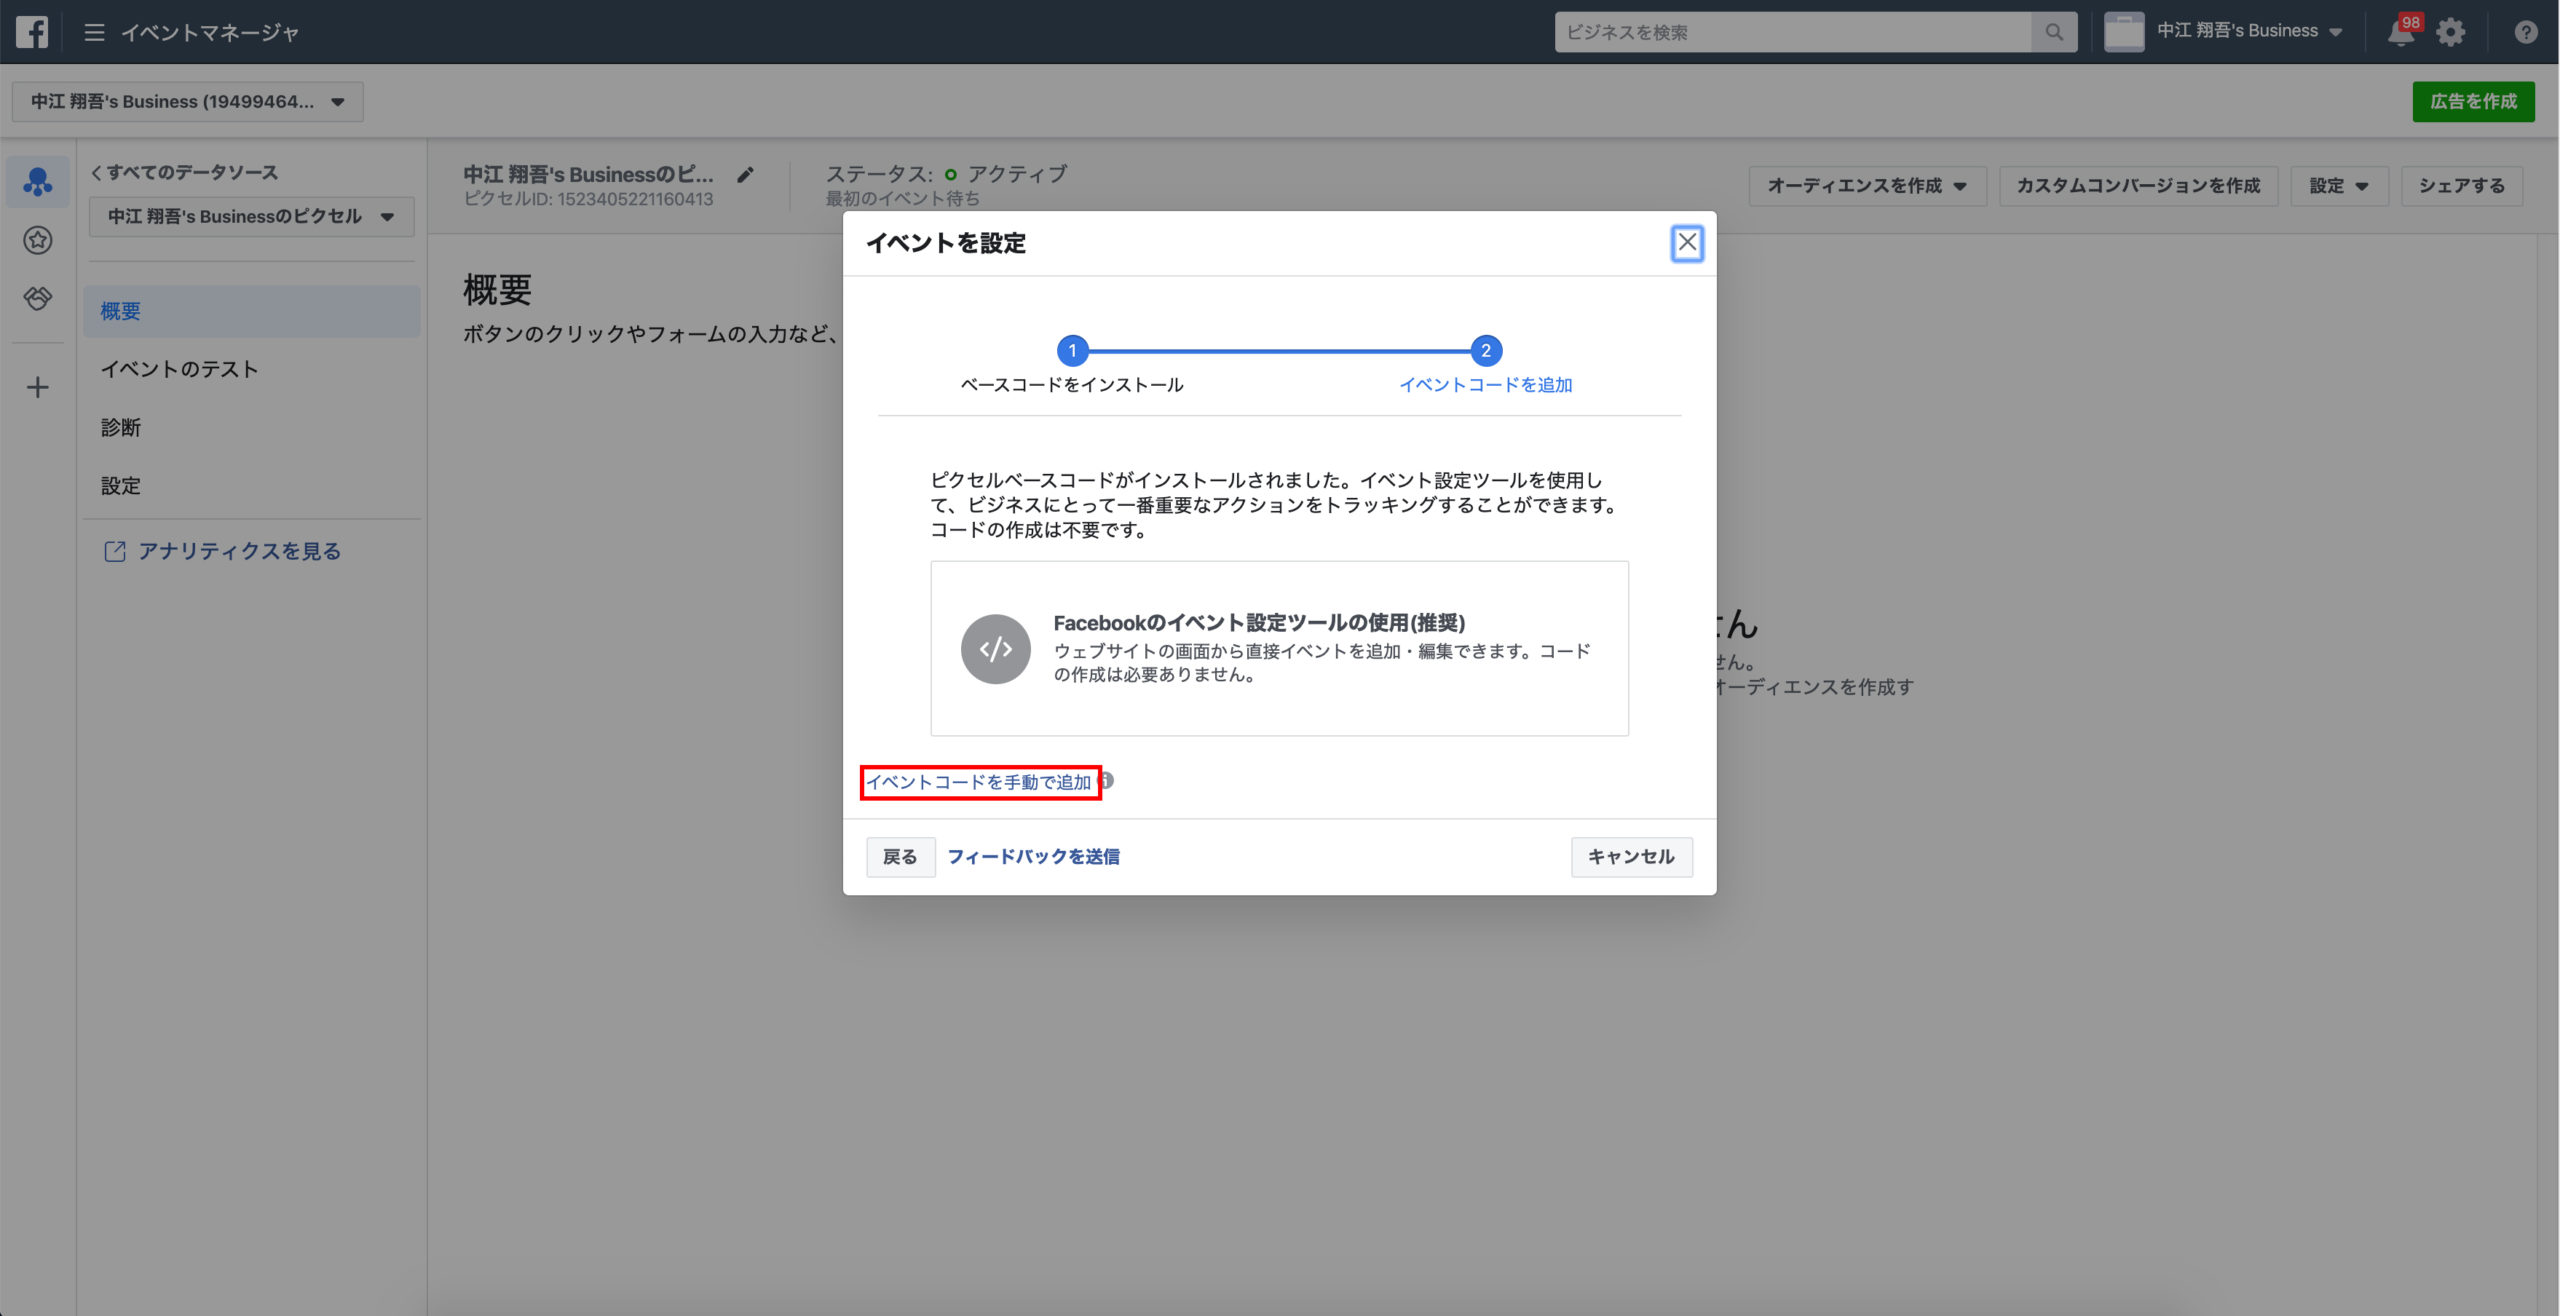 イベントコードの手動追加